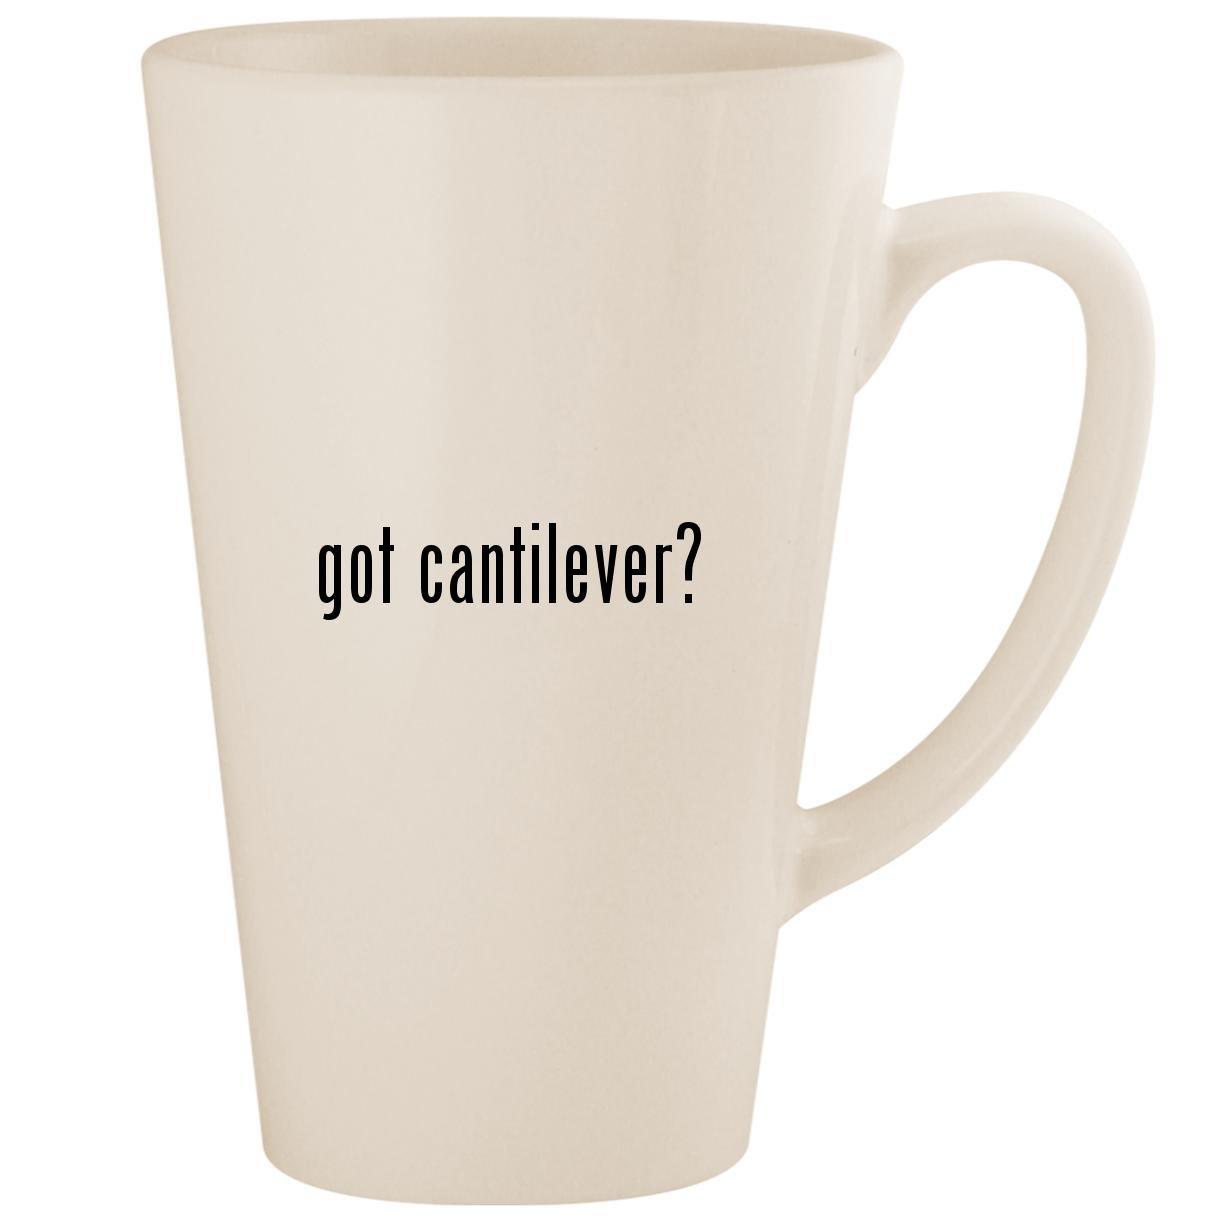 got cantilever? - White 17oz Ceramic Latte Mug Cup